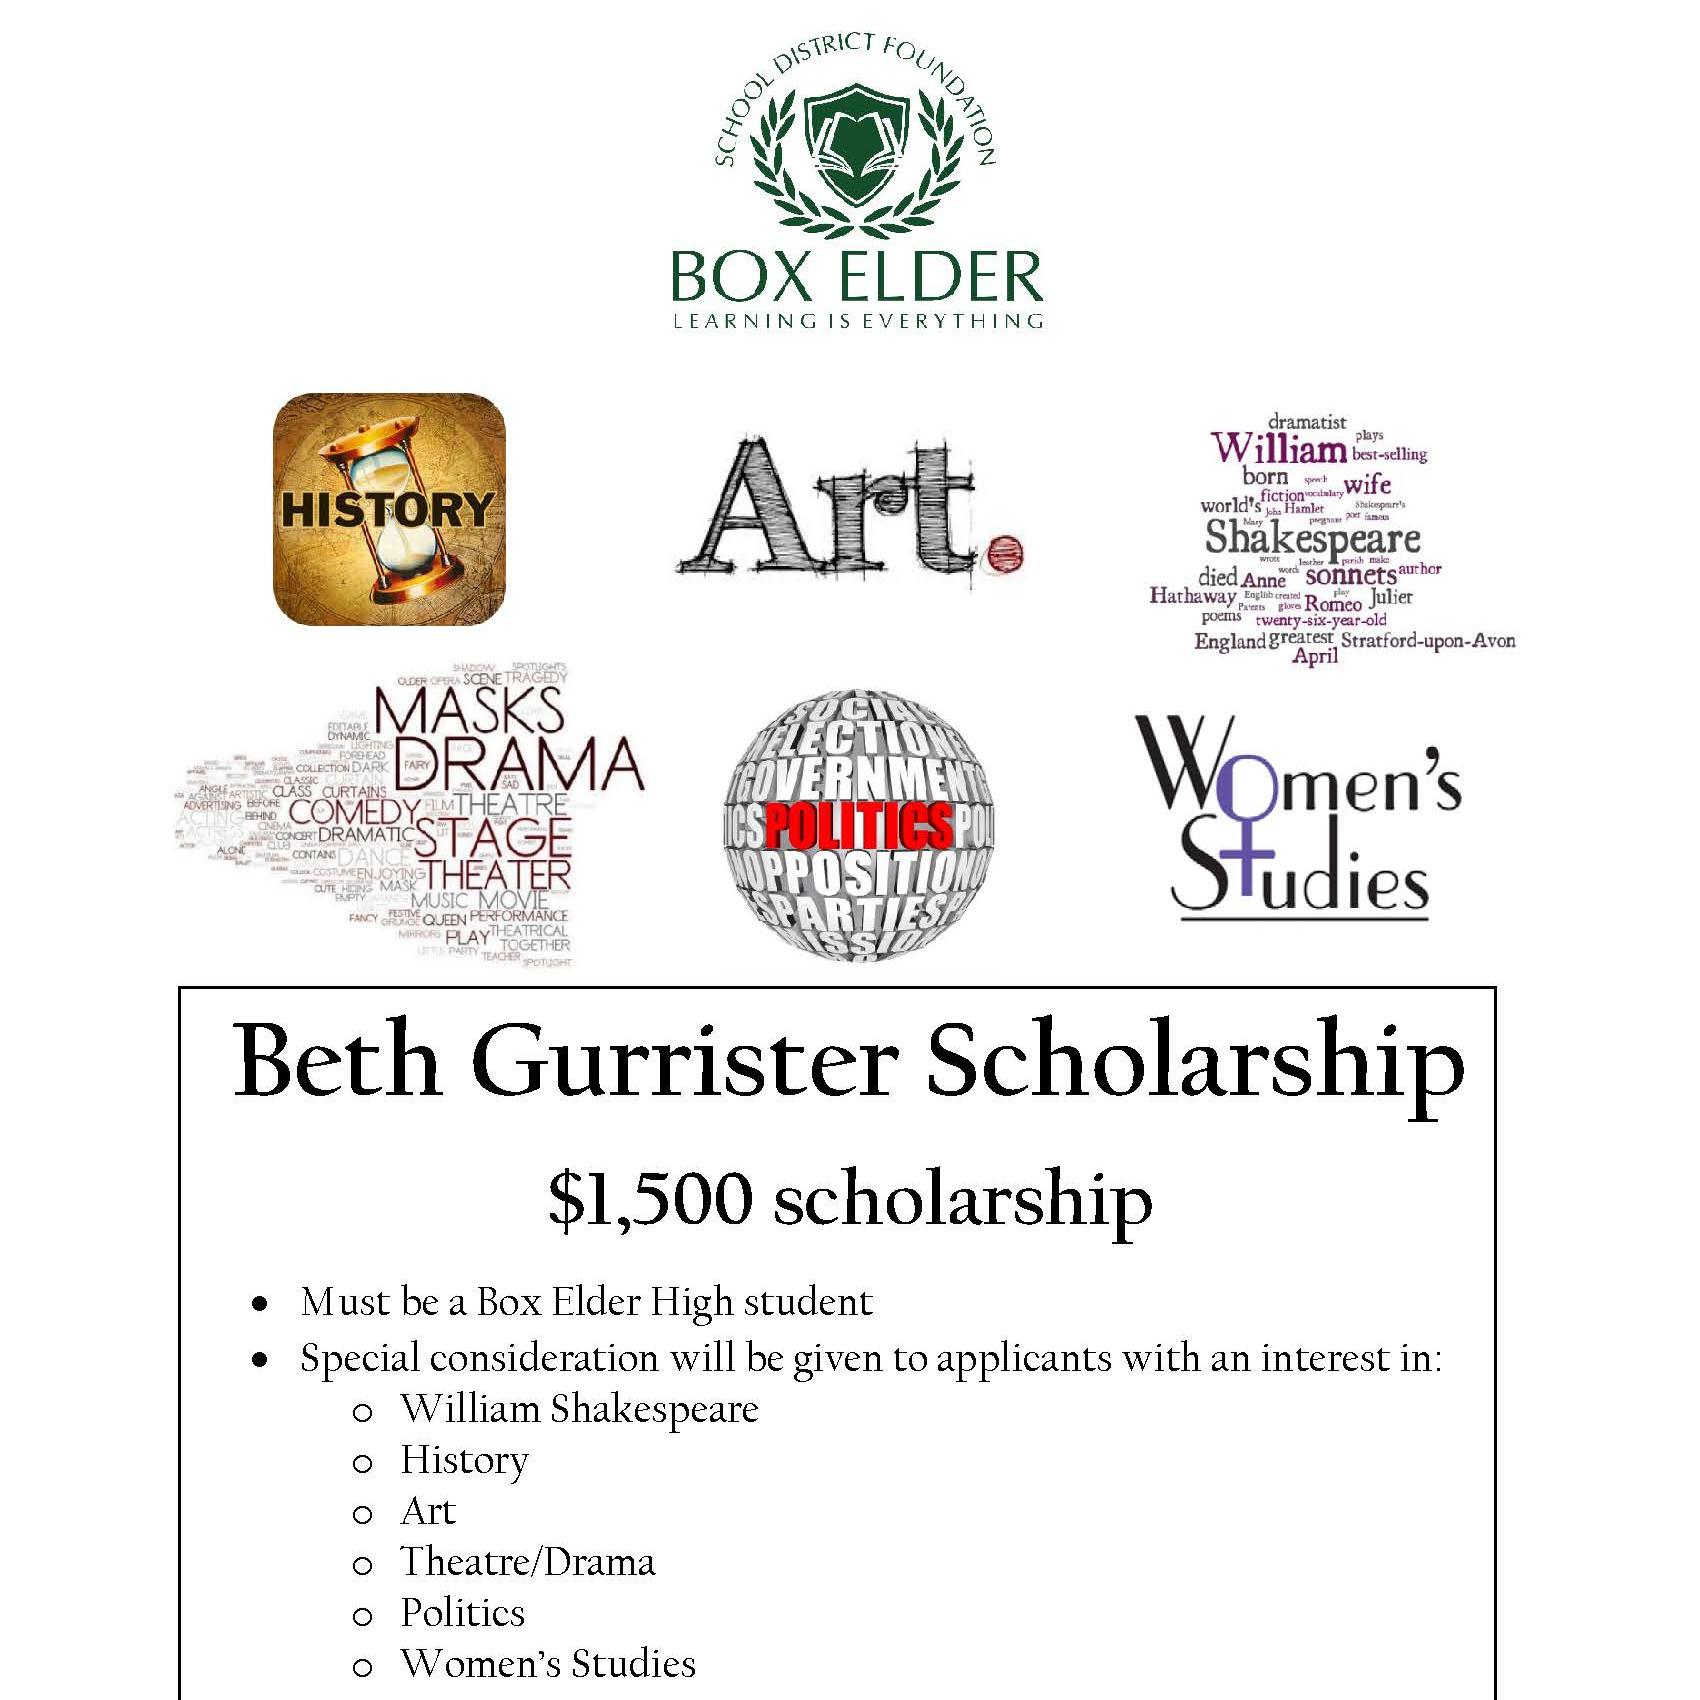 Beth Gurrister Scholarship